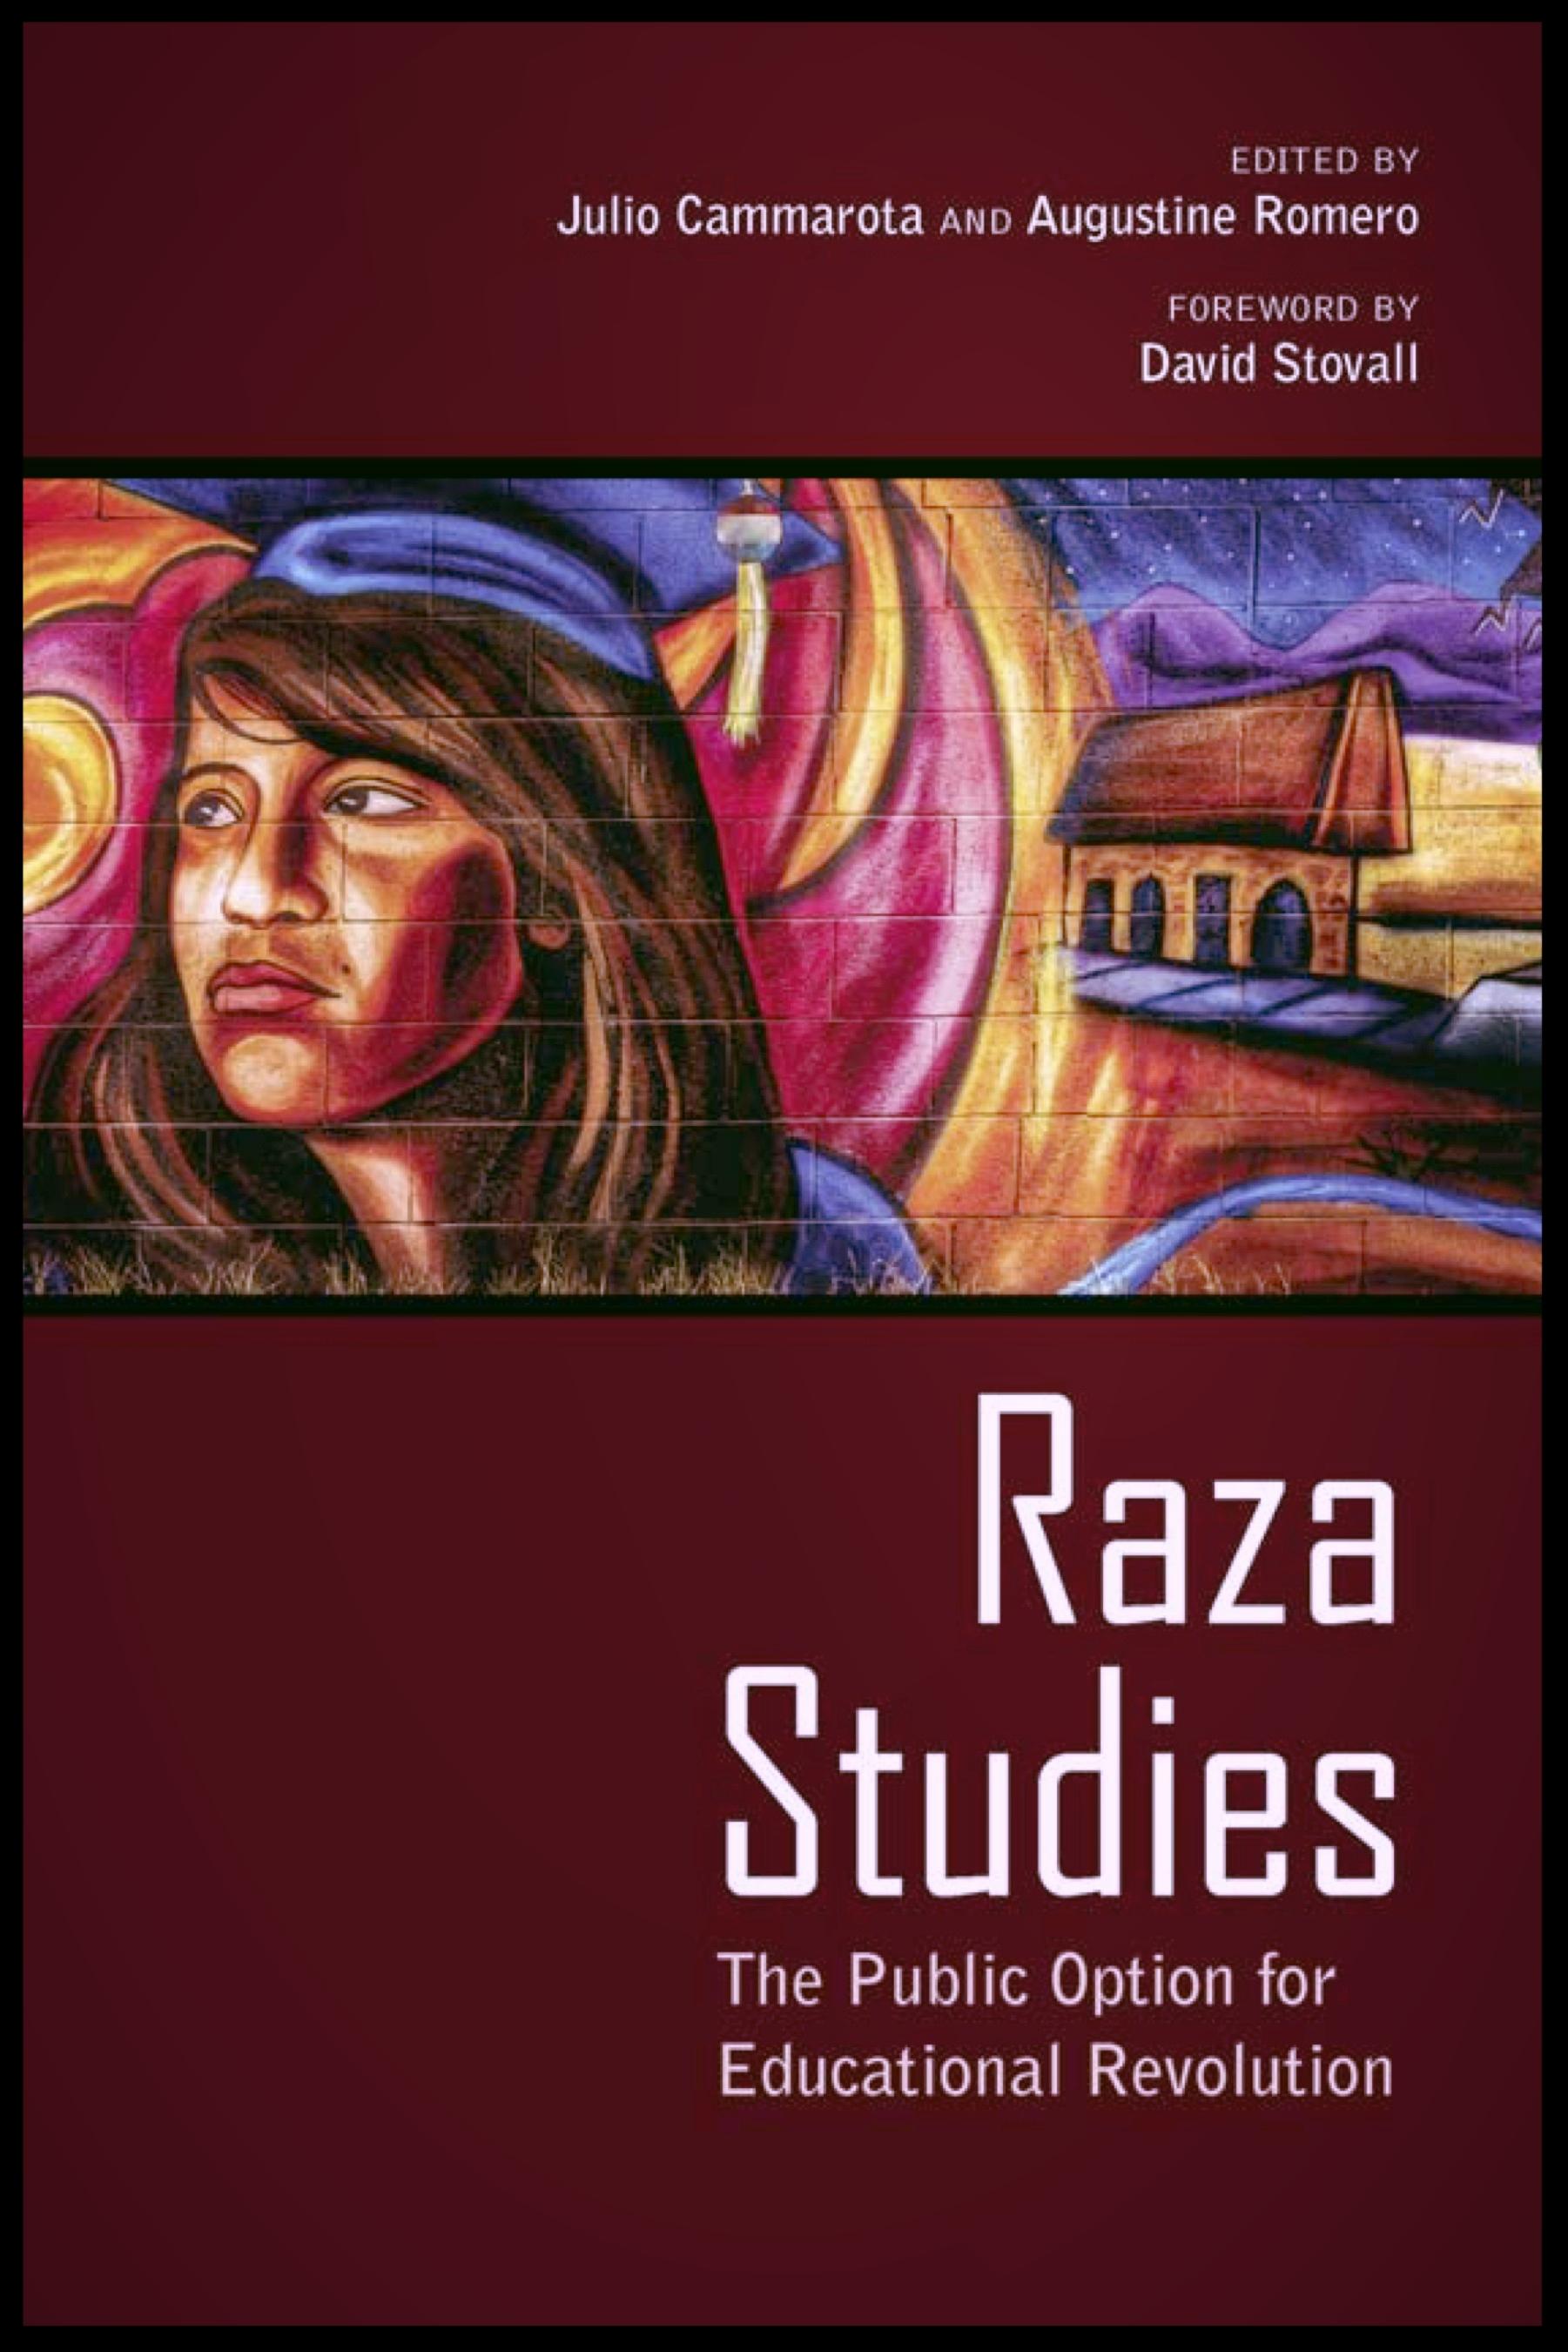 Raza Studies.jpg